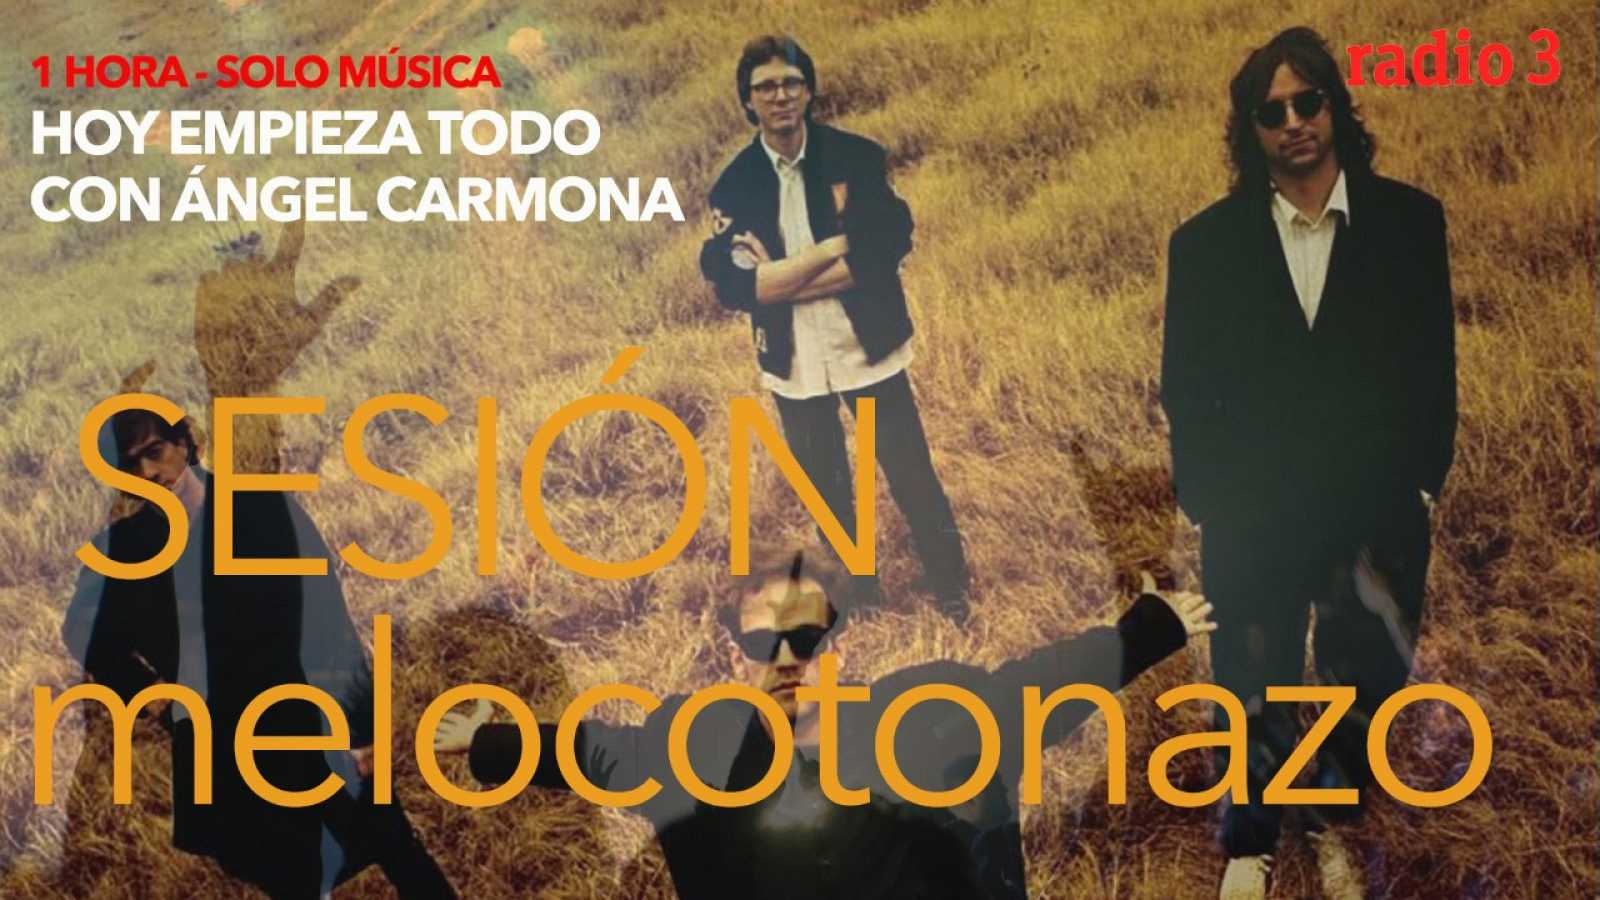 Hoy empieza todo con Ángel Carmona - #SesiónMelocotonazo: R.E.M., Bloc Party, Noname... - 27/04/21 - escuchar ahora